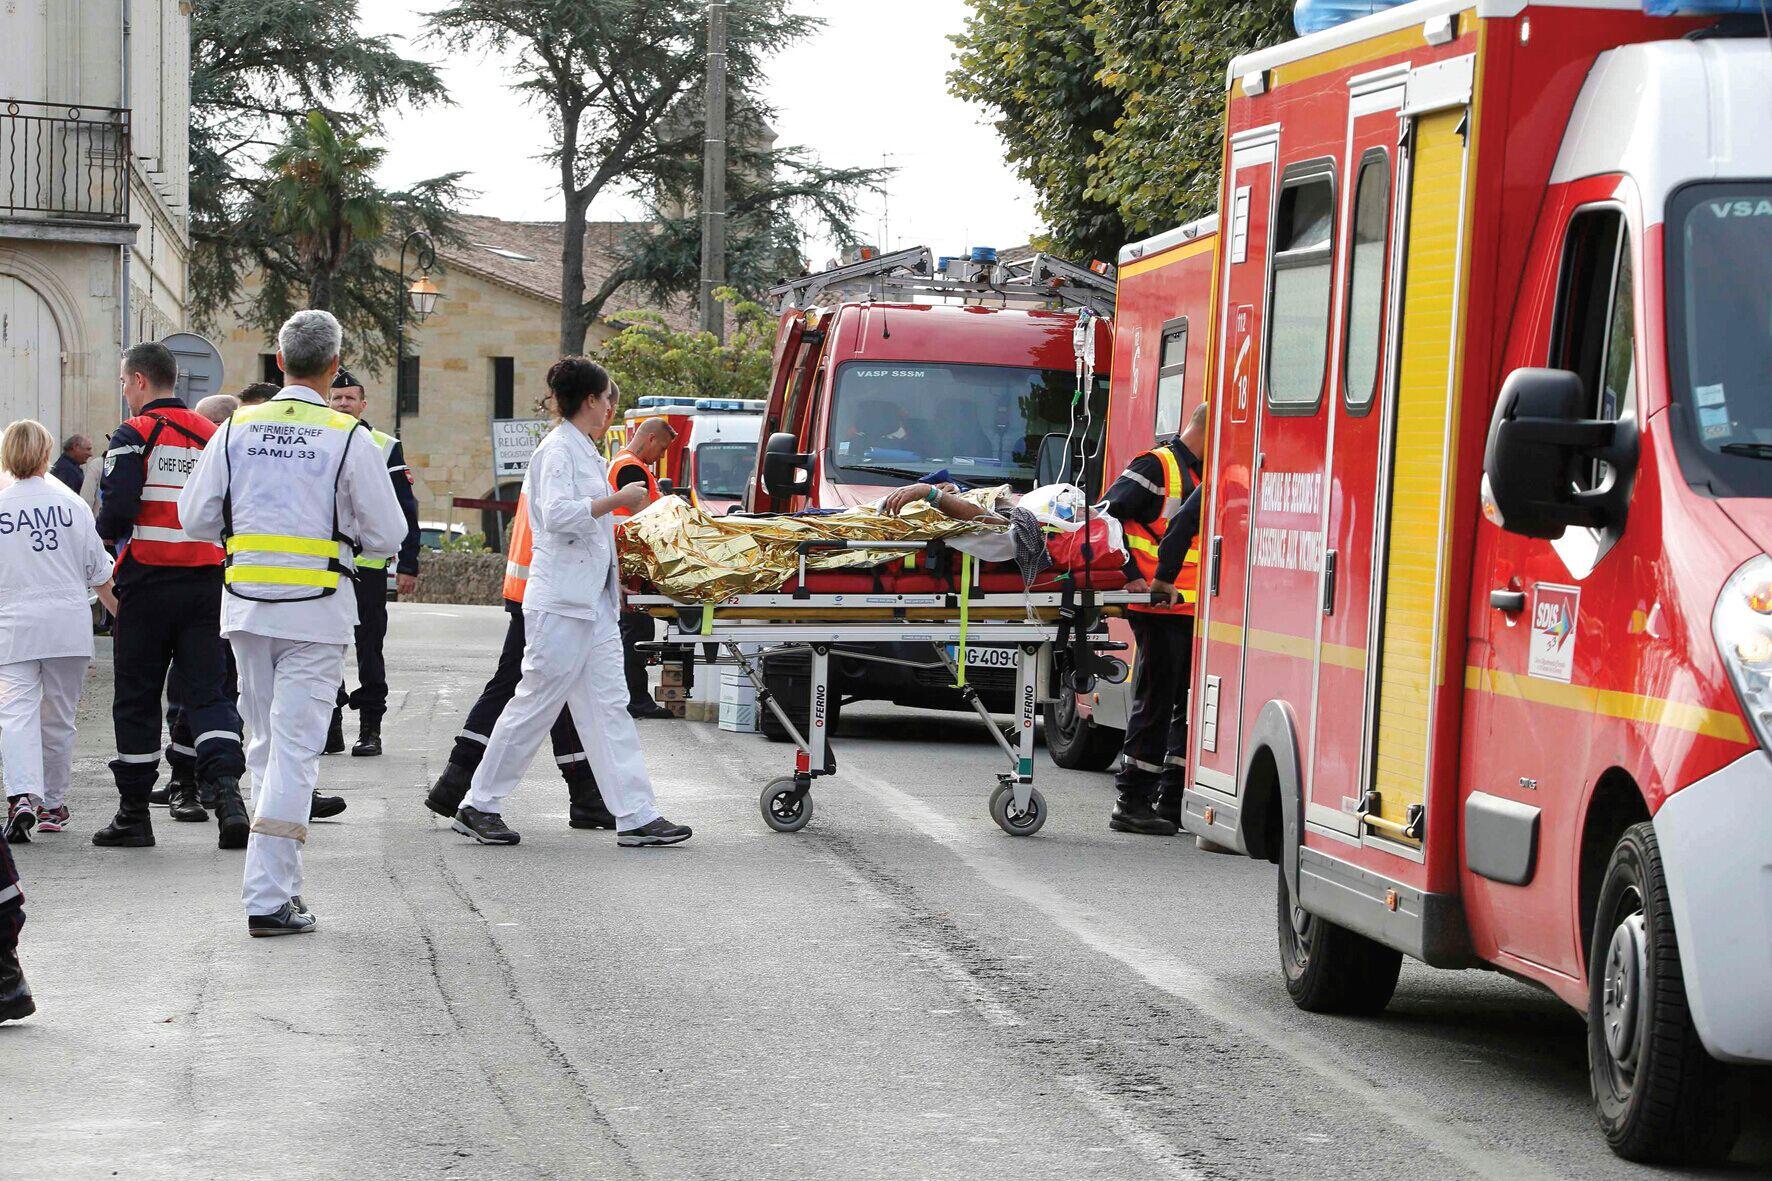 法国发生30年最惨烈车祸 导致42人遇难